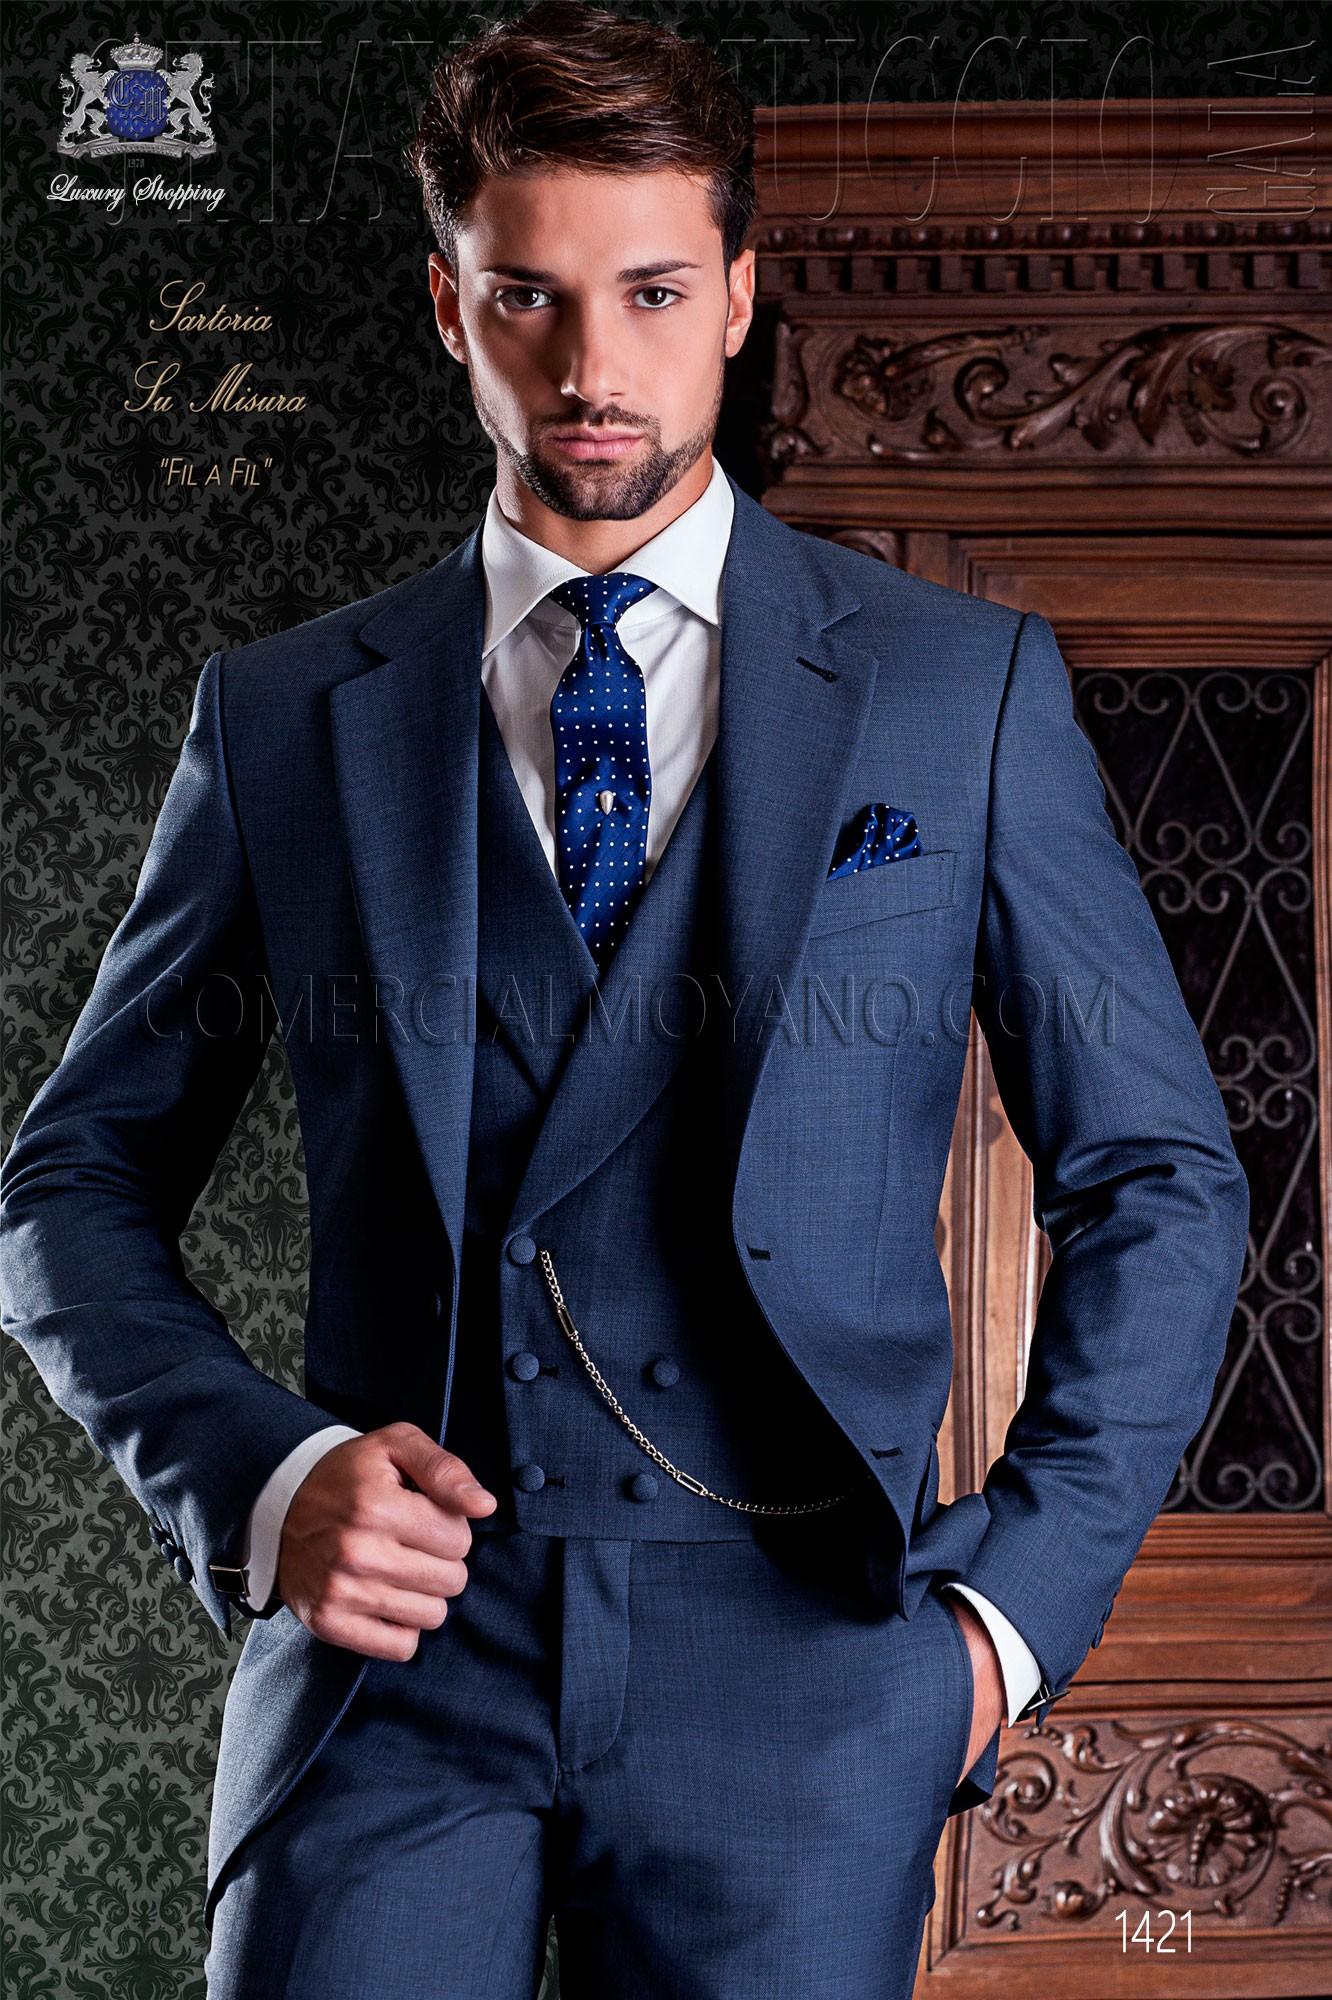 Atemberaubend Blauer Anzug Für Die Hochzeit Fotos - Brautkleider ...